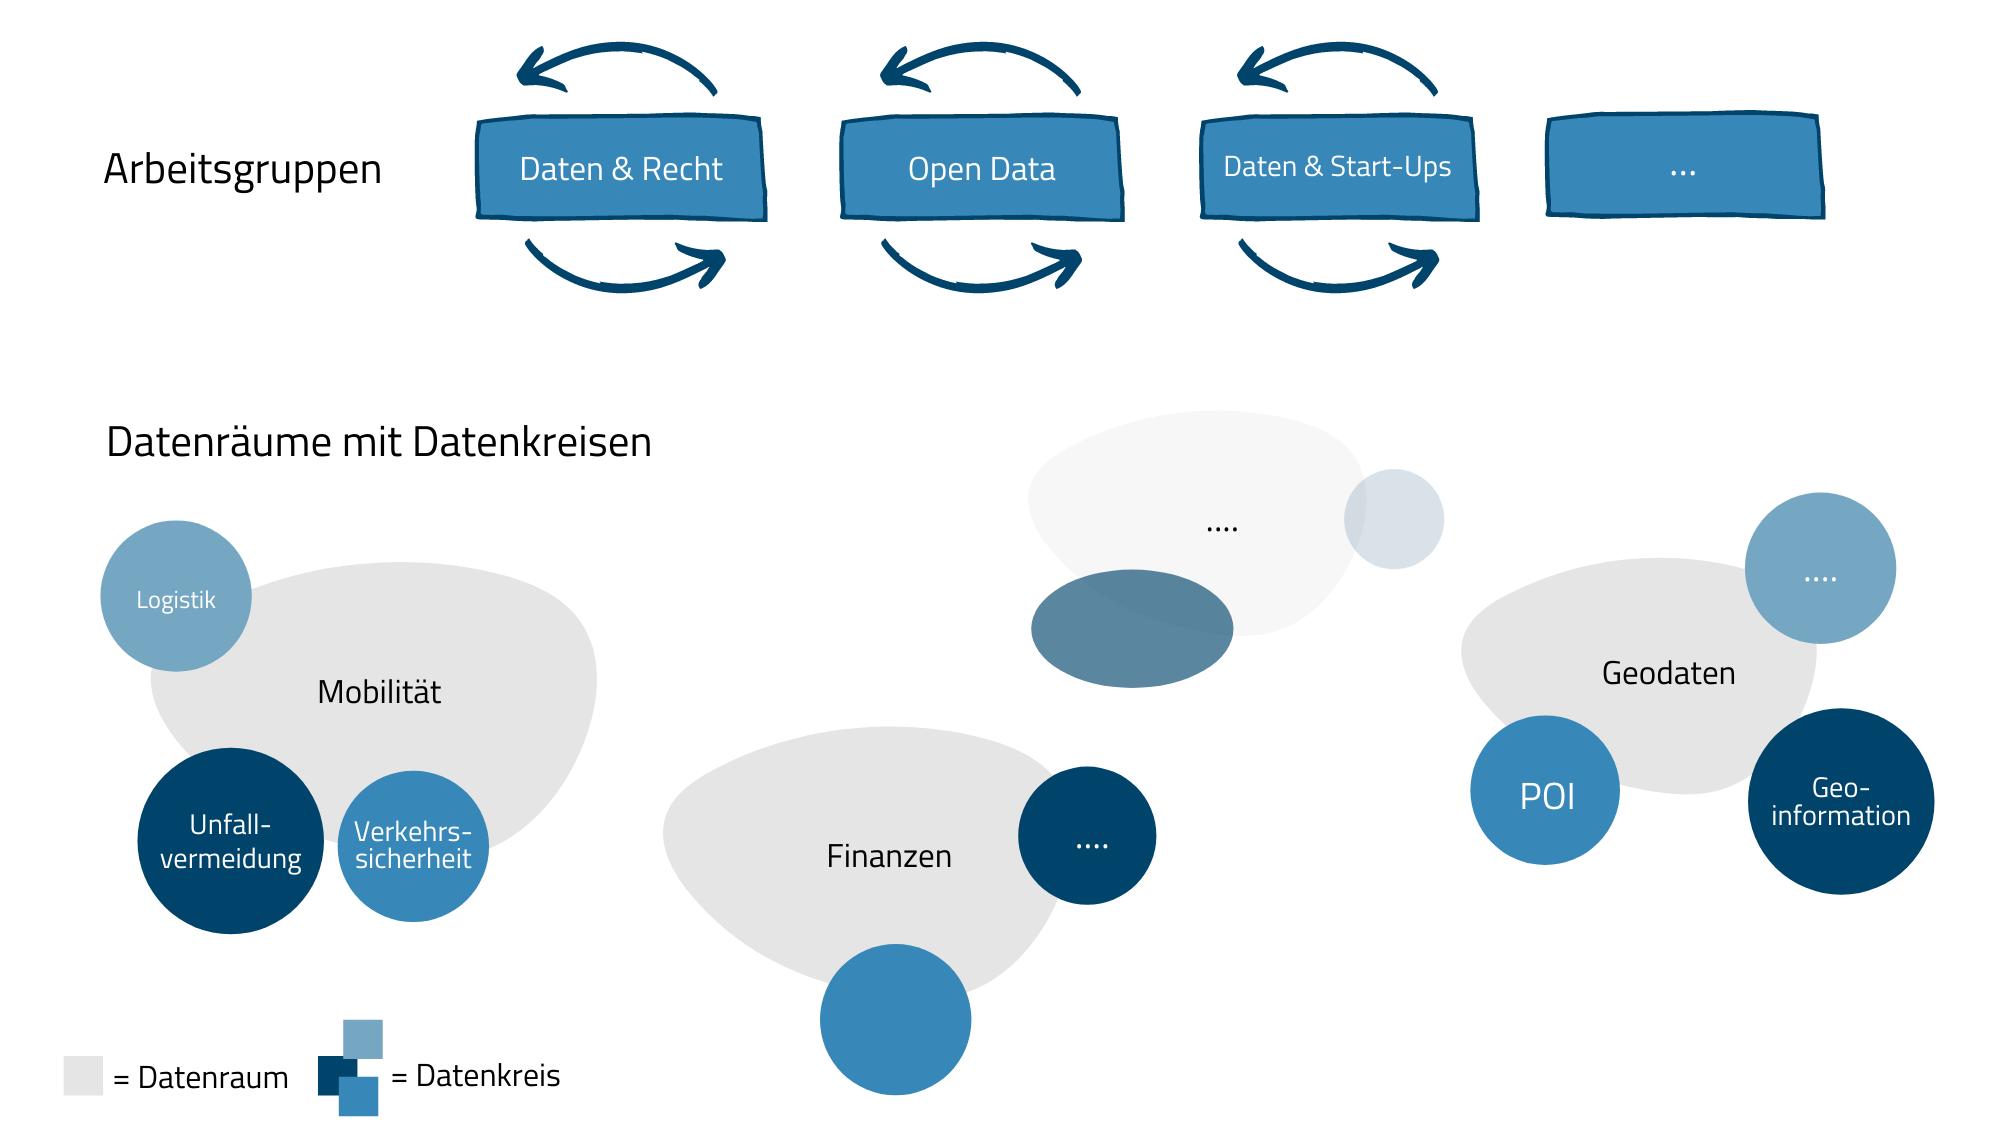 exemplarische Darstellung von Datenräumen, Datenkreisen, Arbeitsgruppen und ihrer Verortung